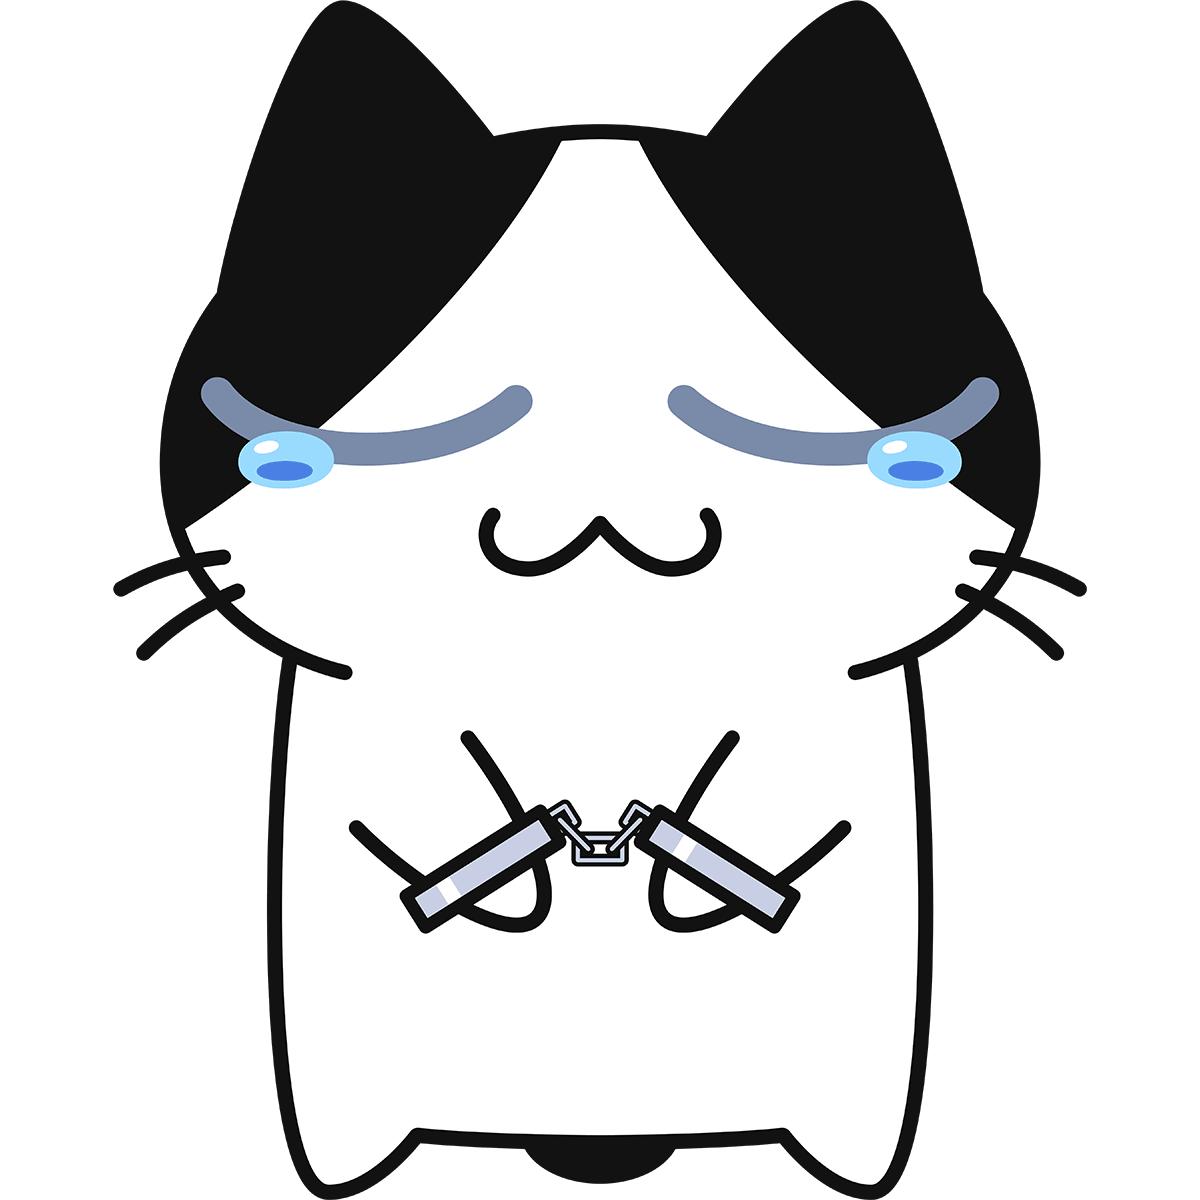 逮捕された猫の無料イラスト